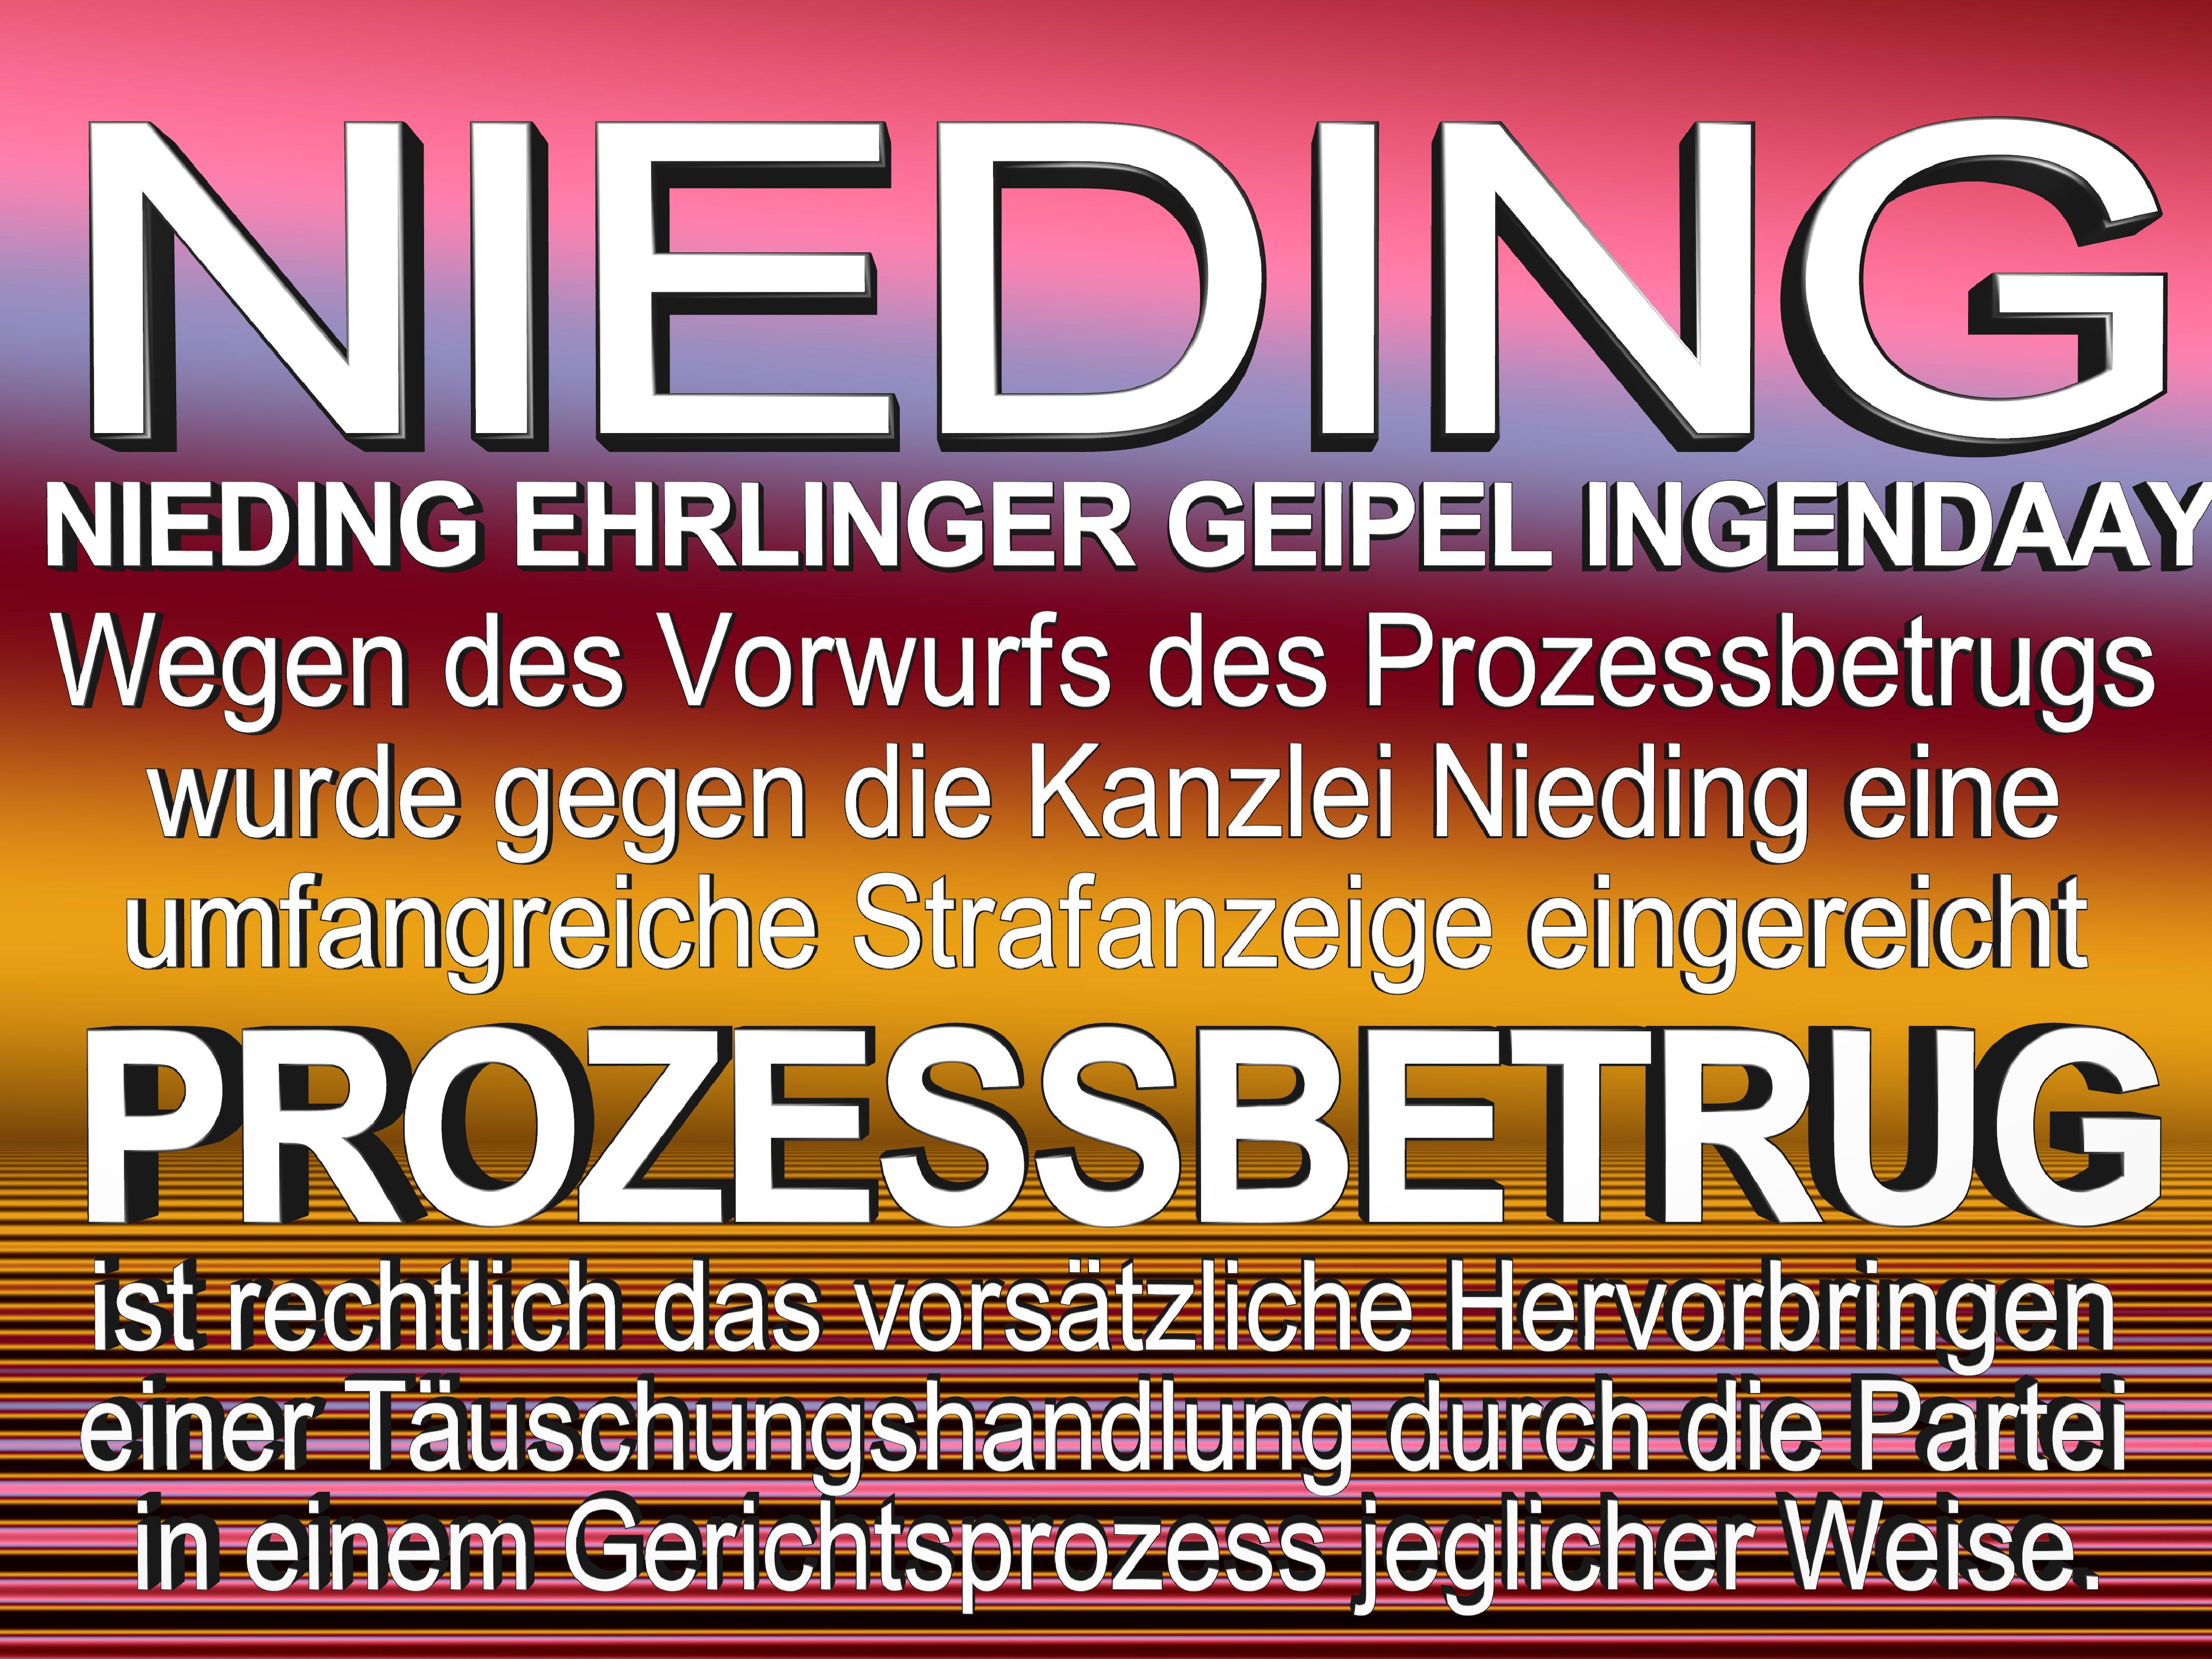 NIEDING EHRLINGER GEIPEL INGENDAAY LELKE Kurfürstendamm 66 Berlin (89)